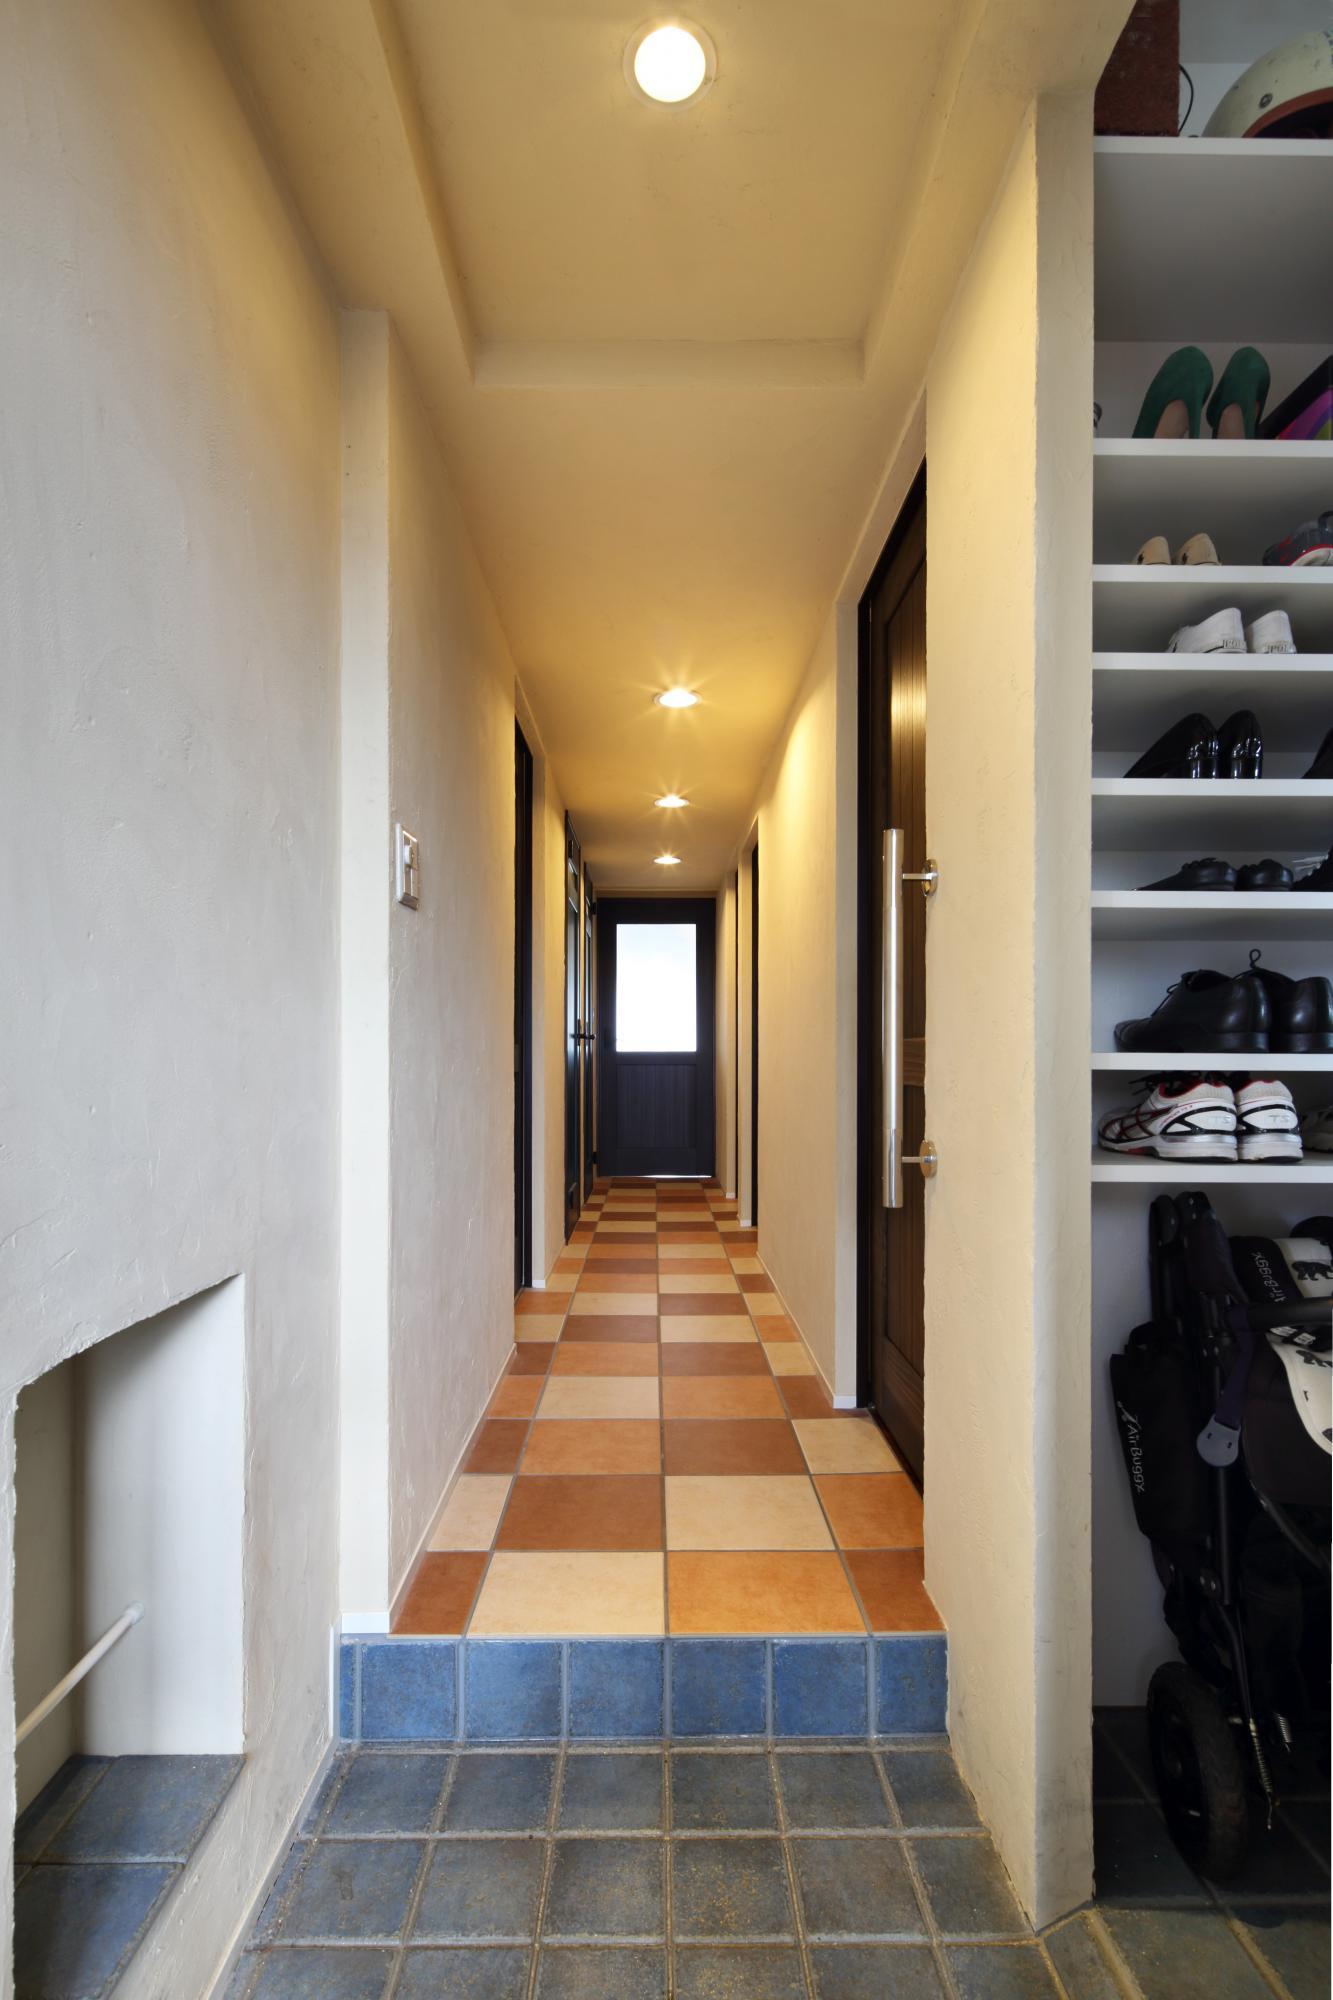 珪藻土の壁、テラコッタの床で暖かい印象のコリドー。扉を一段奥に取付けるため壁を厚くし、それぞれの部屋が異なる印象であることを強調しました